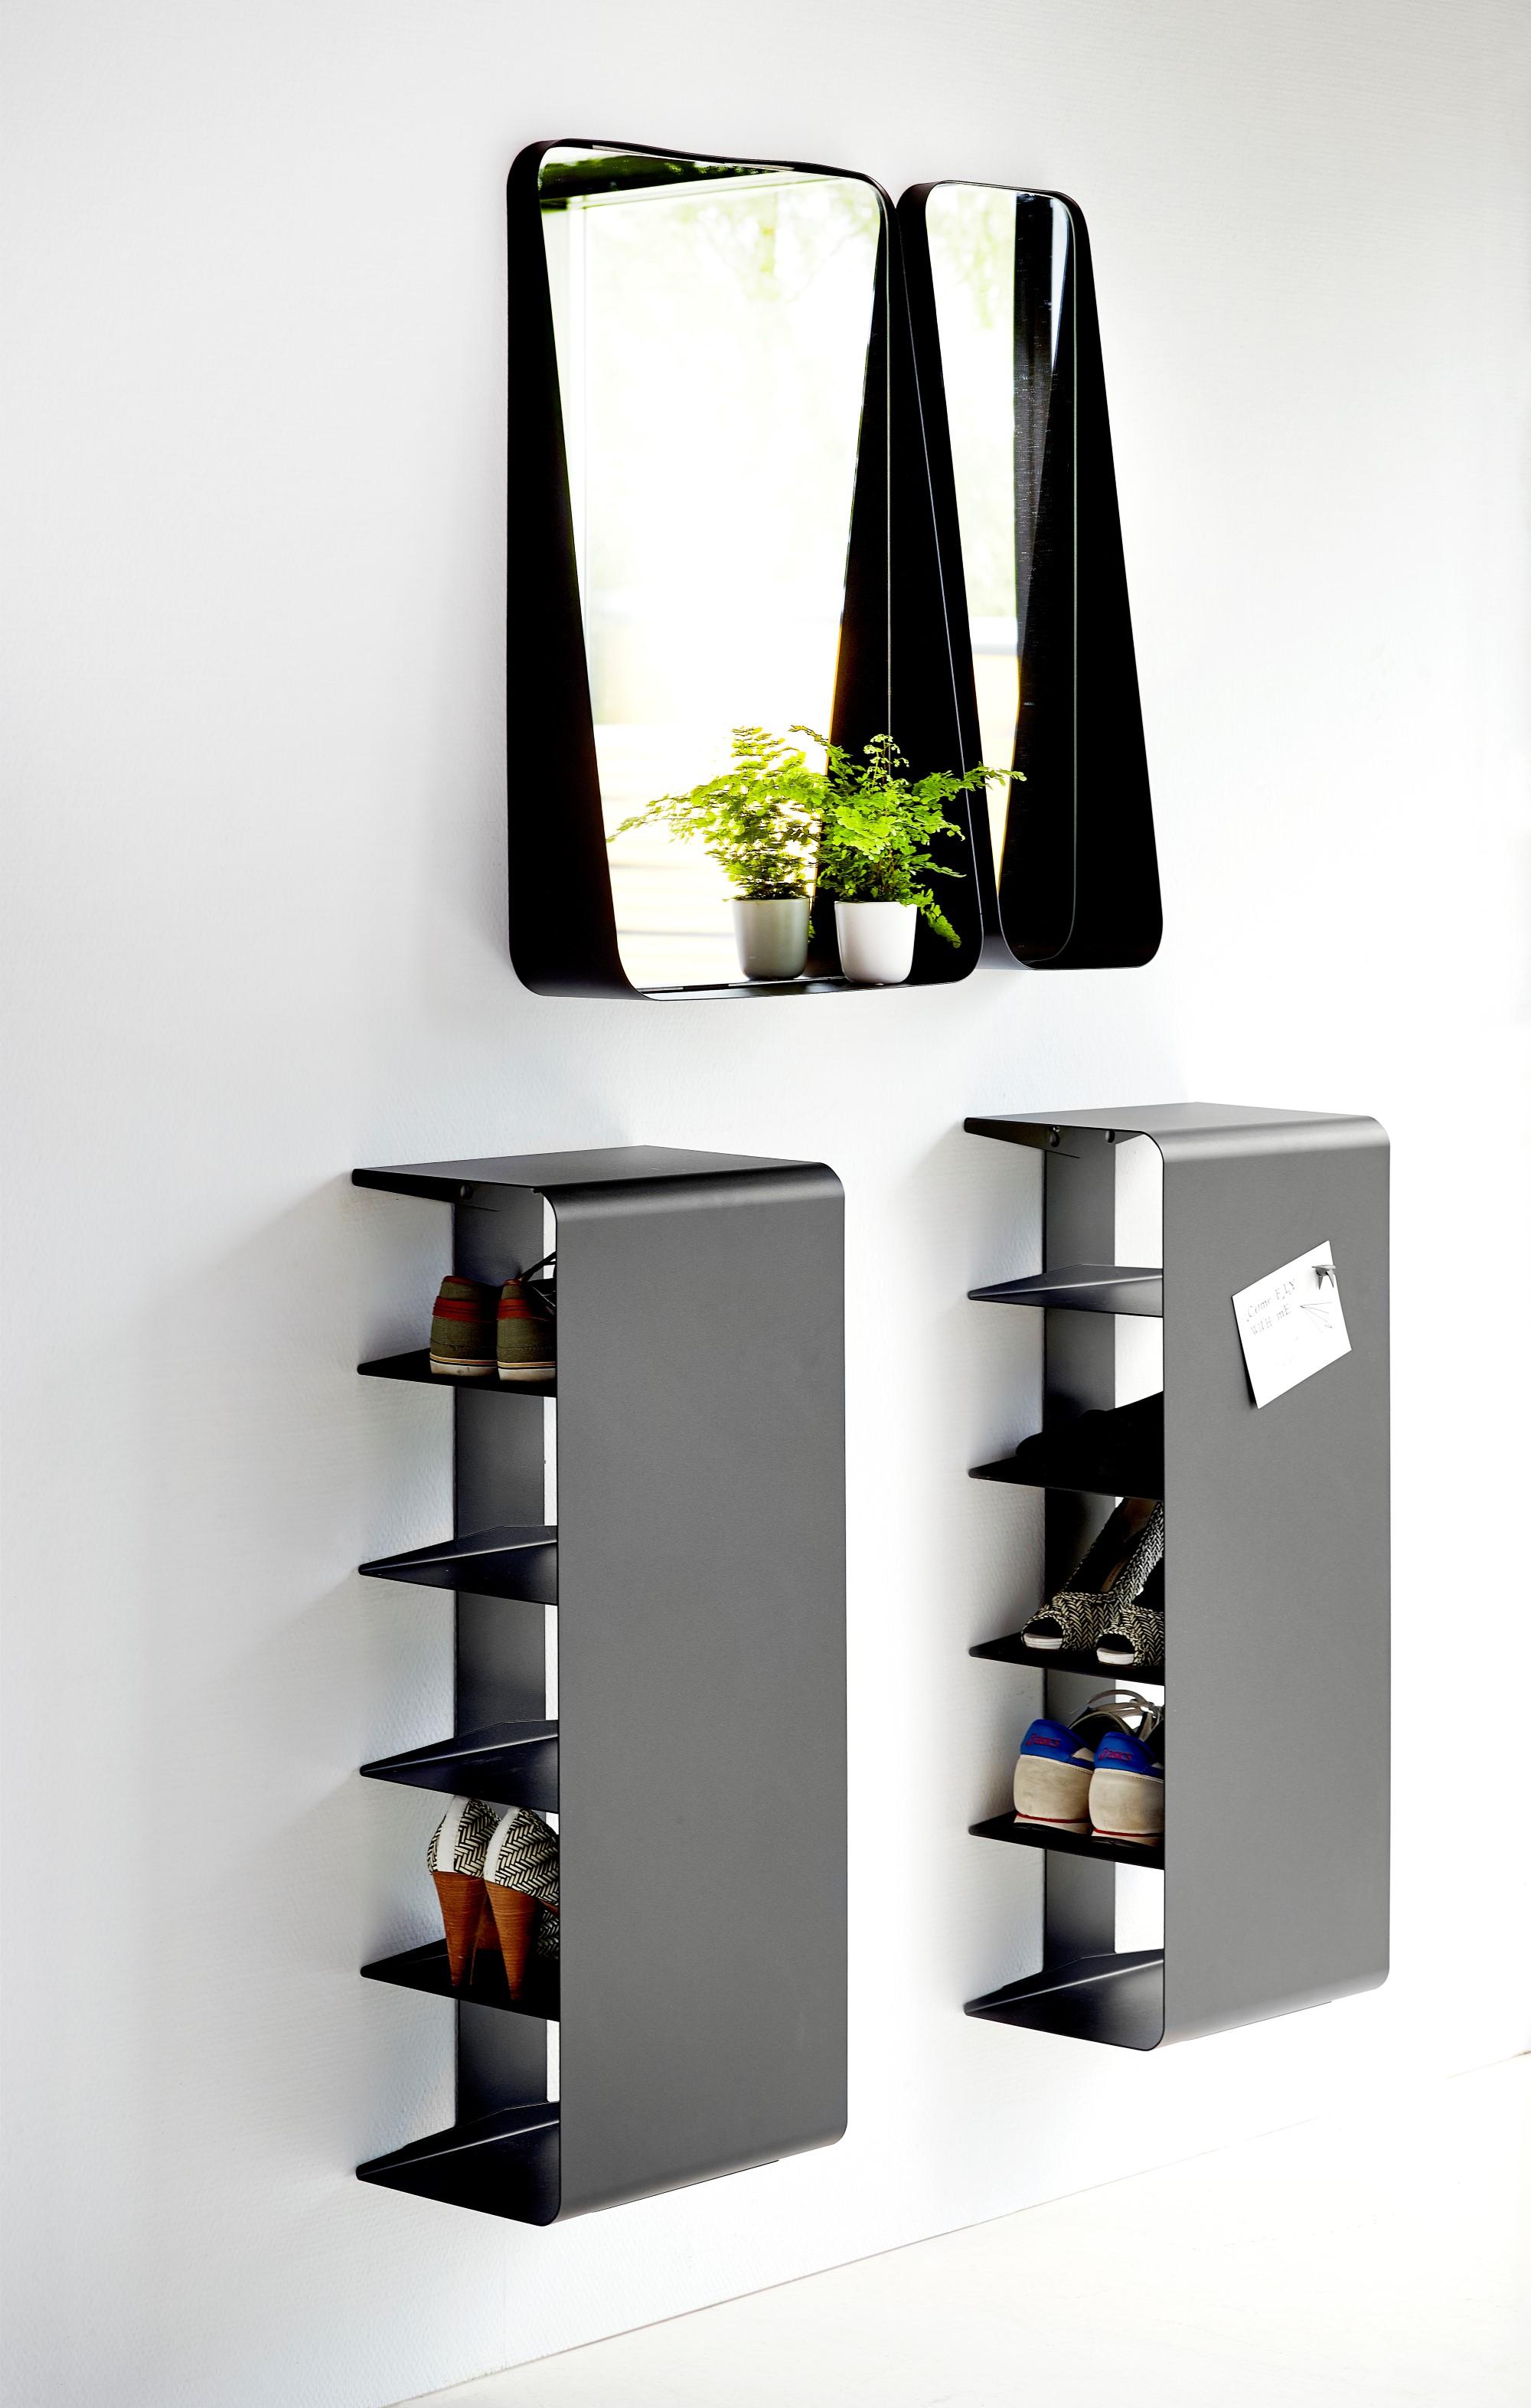 FELA shoe rack